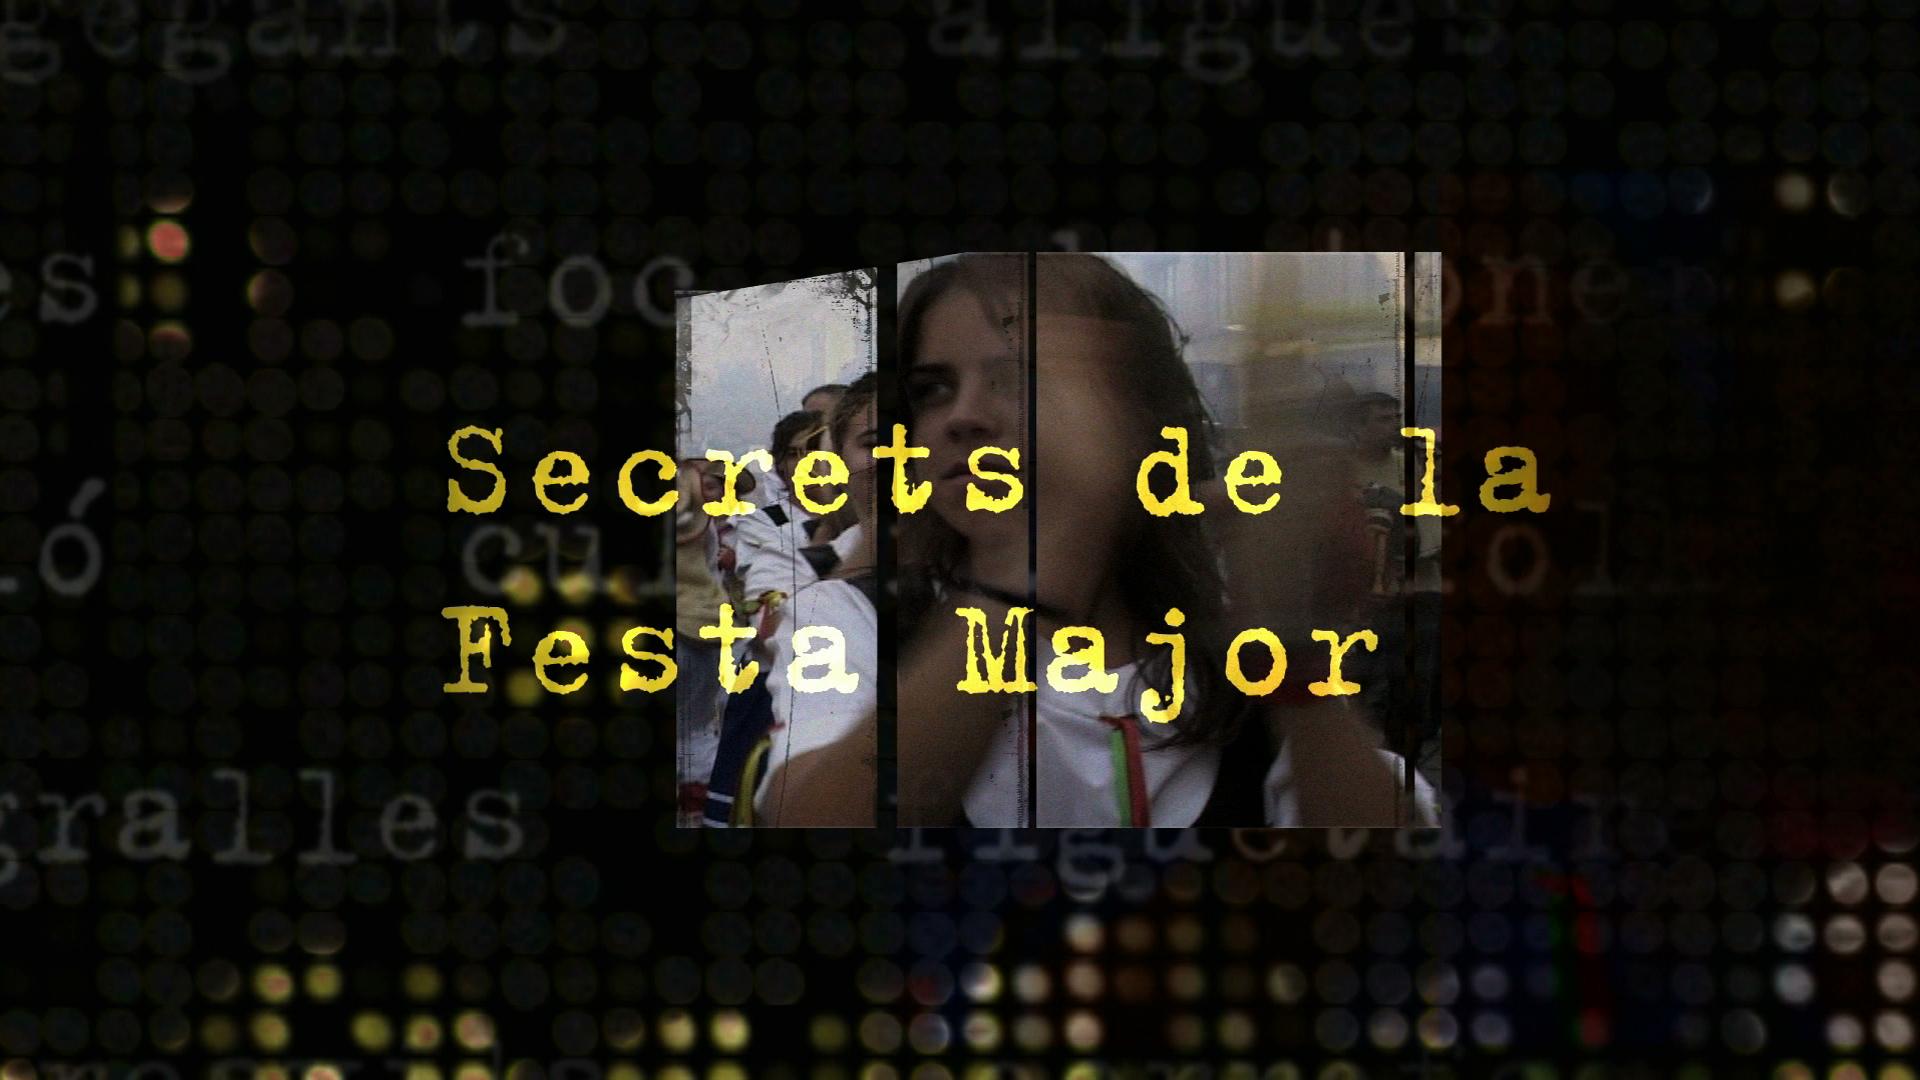 Secrets de la Festa Major